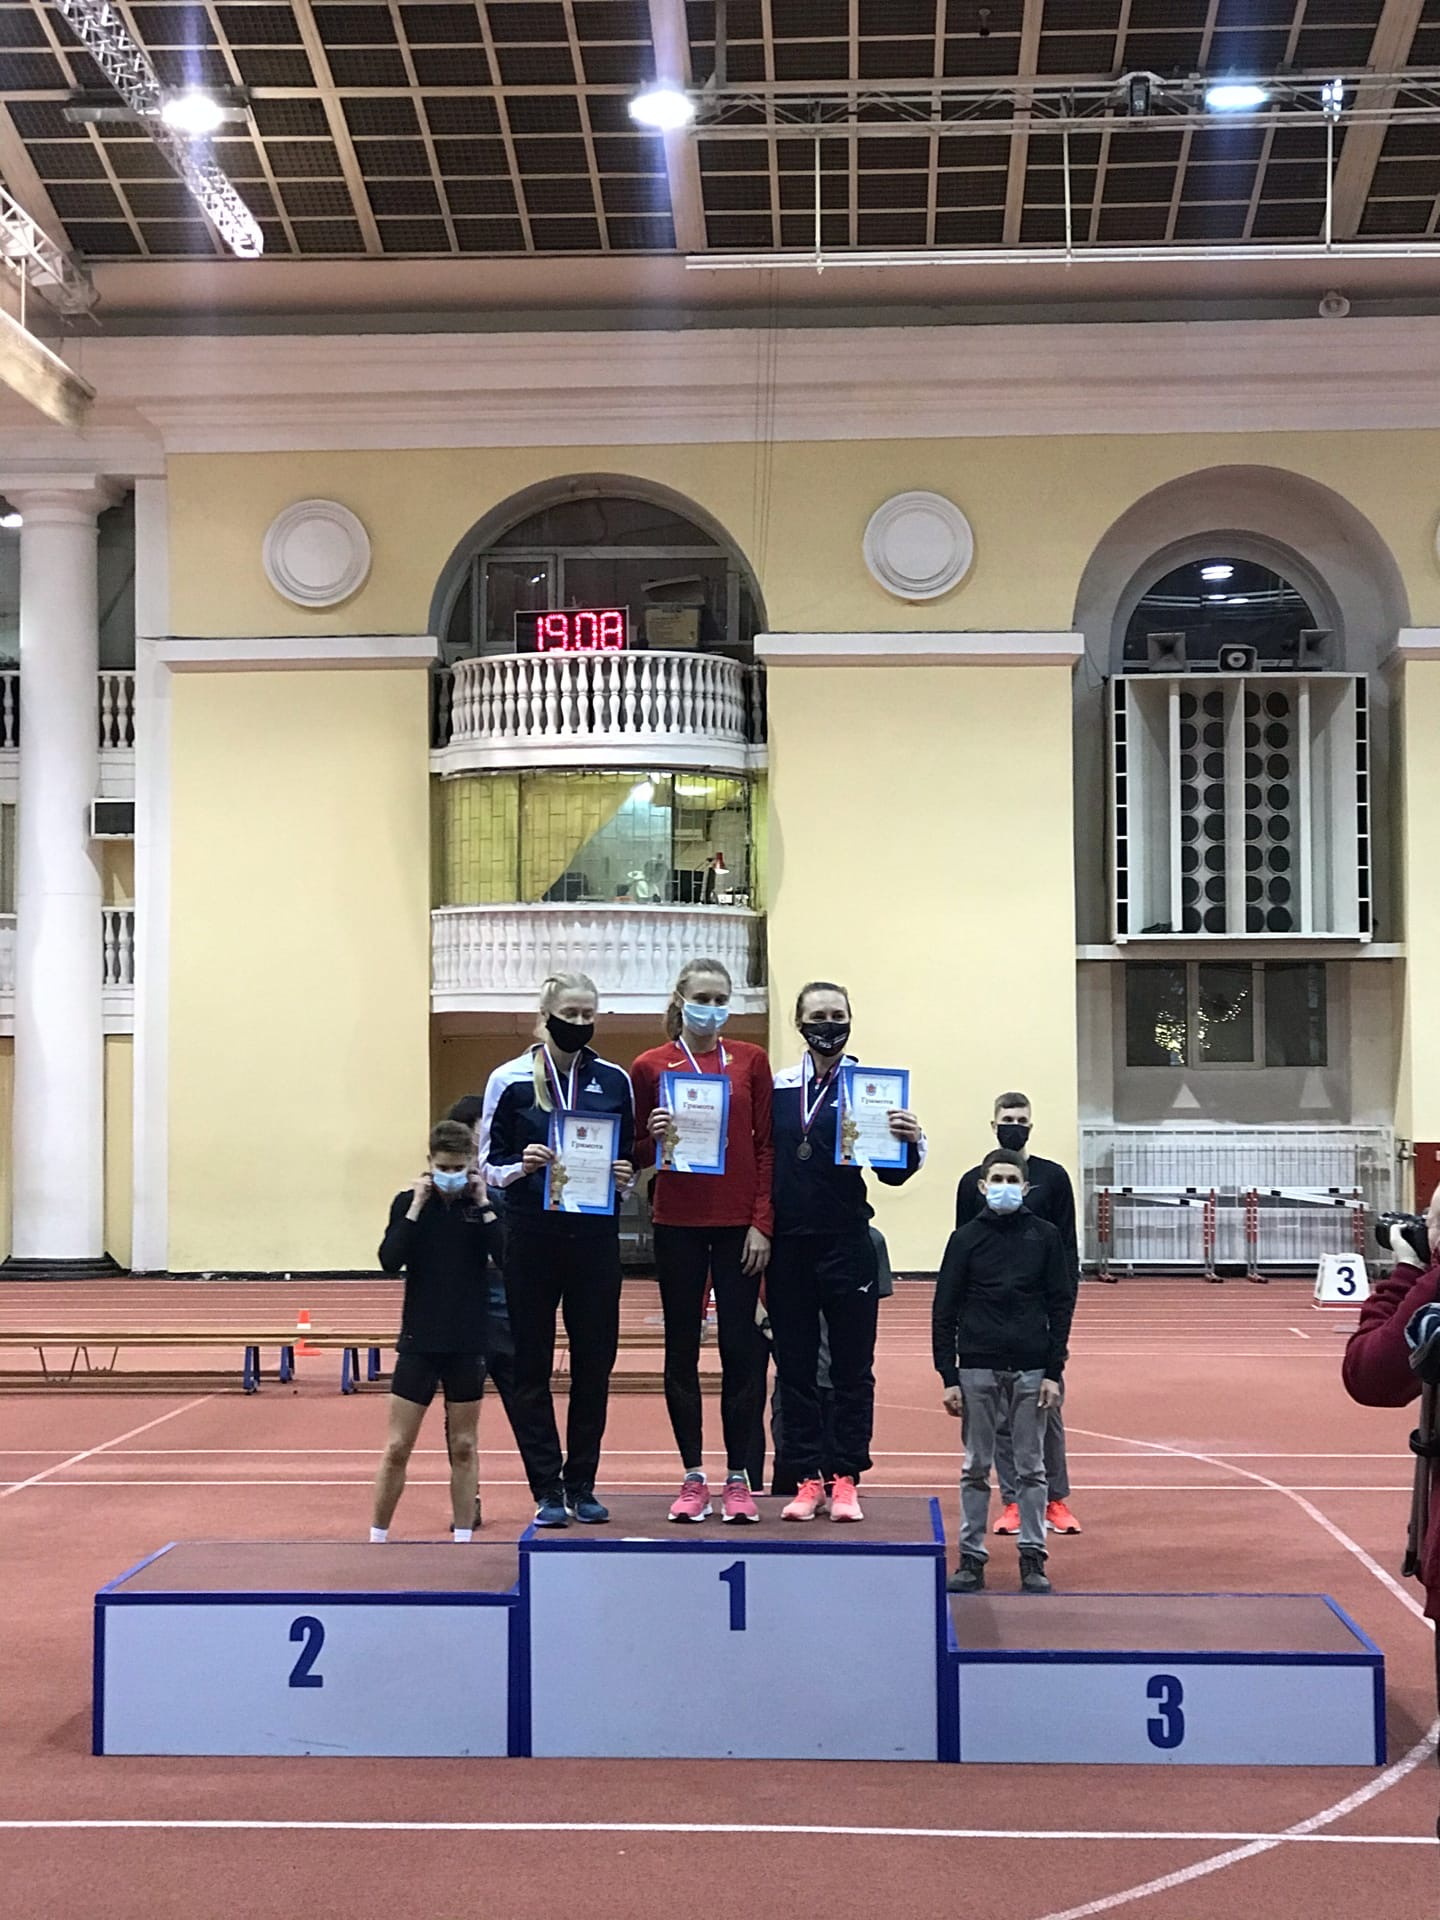 Тамбовчанка Любовь Павленко установила новый рекорд области в беге на 3 км